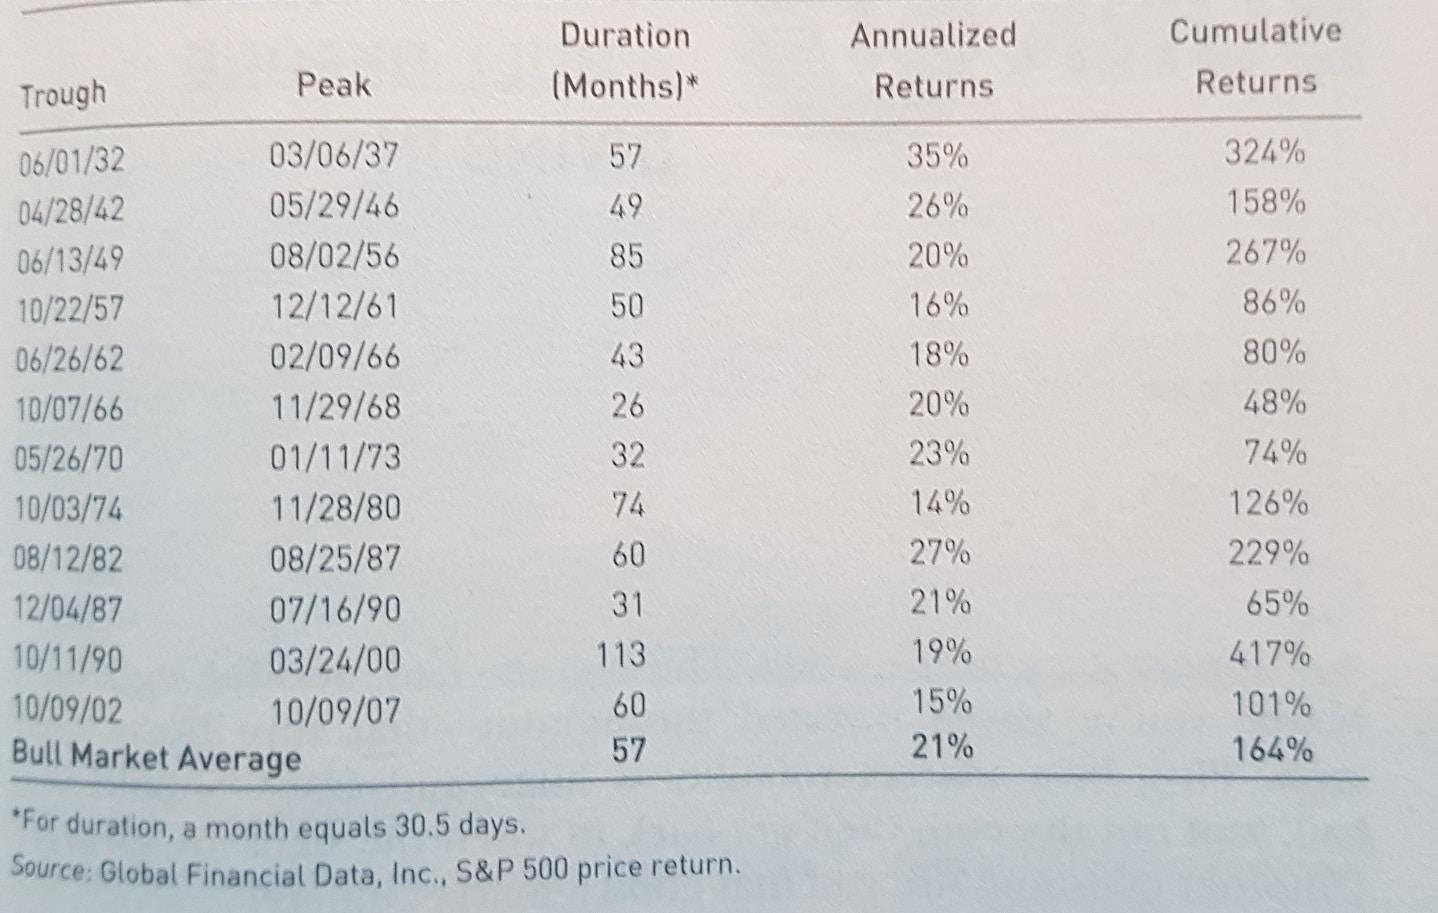 Performance moyenne des actions en marché haussier